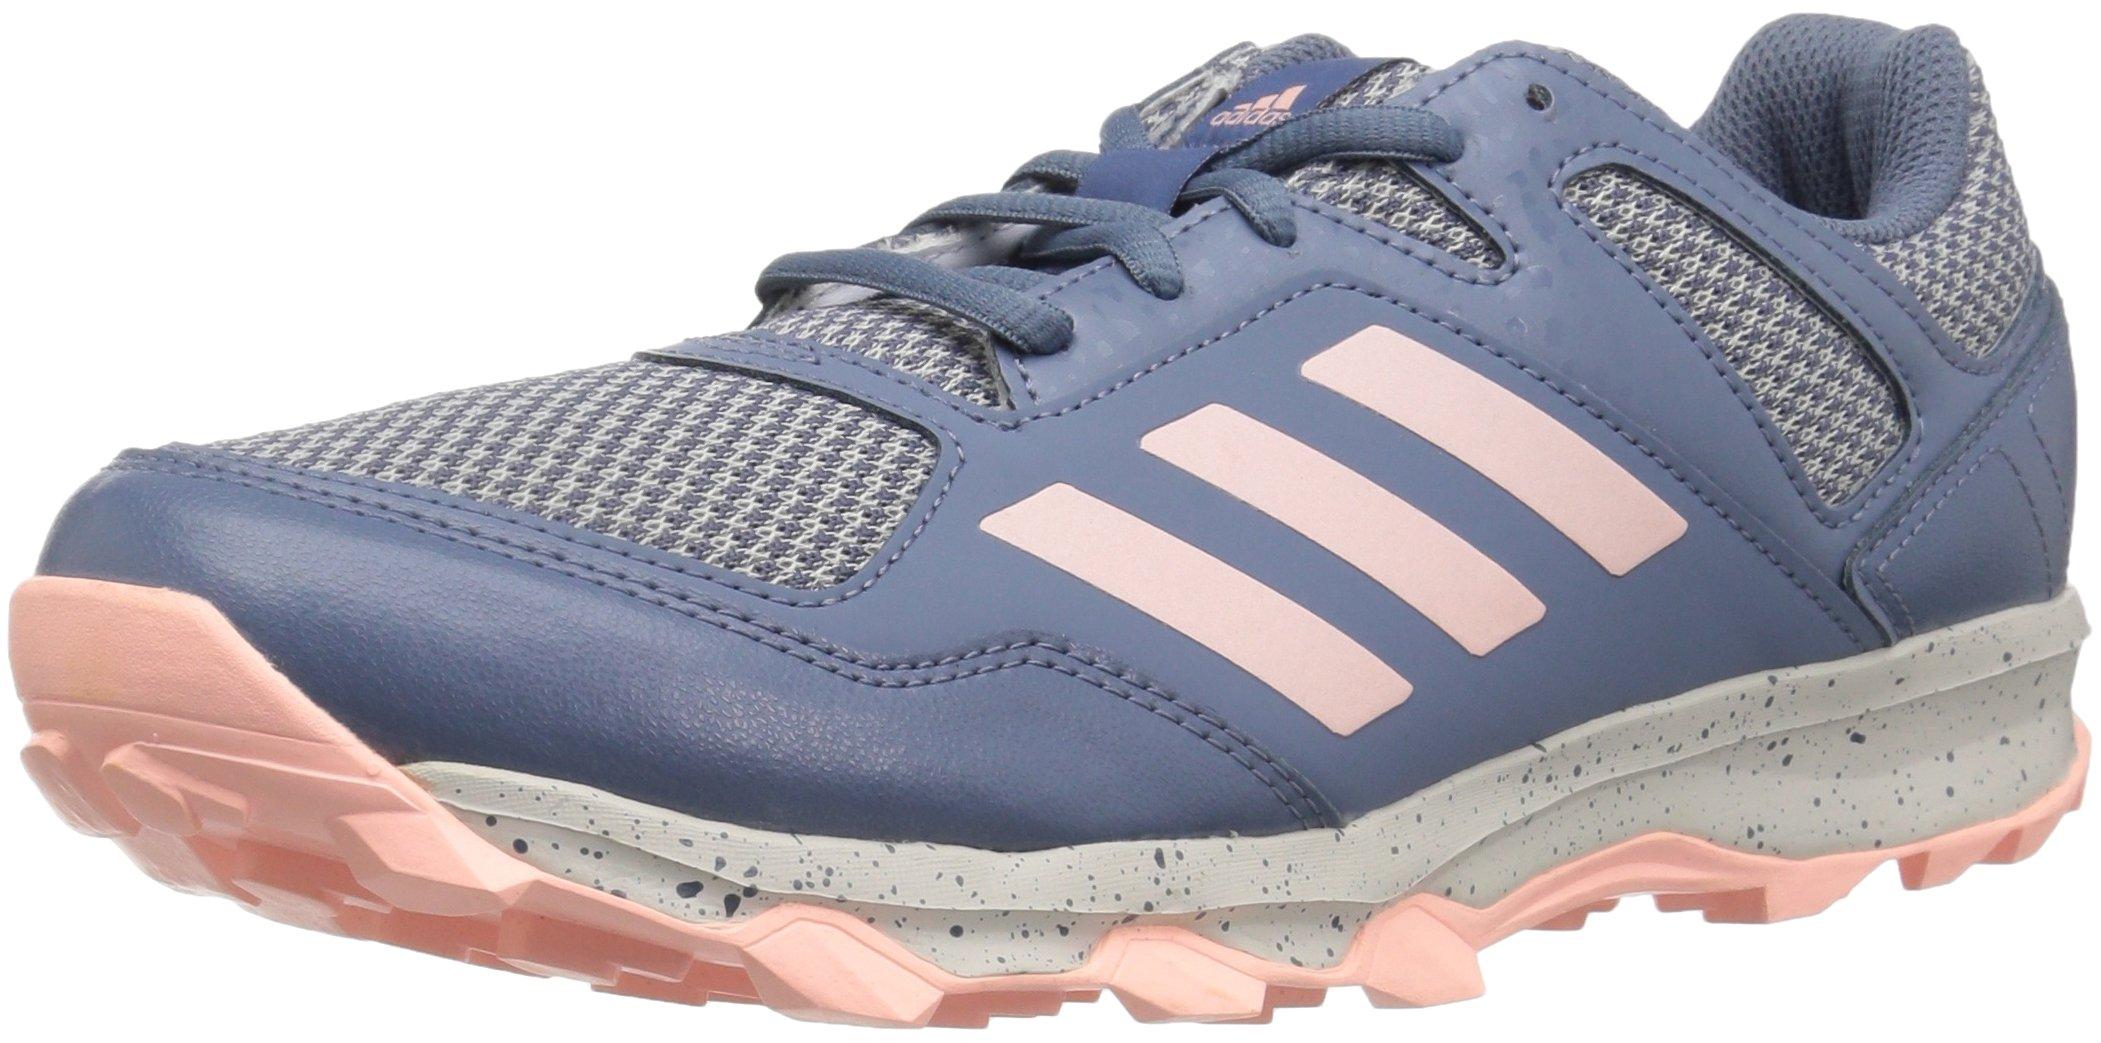 adidas Women's Fabela Rise Field Hockey Shoes- Buy Online in ...